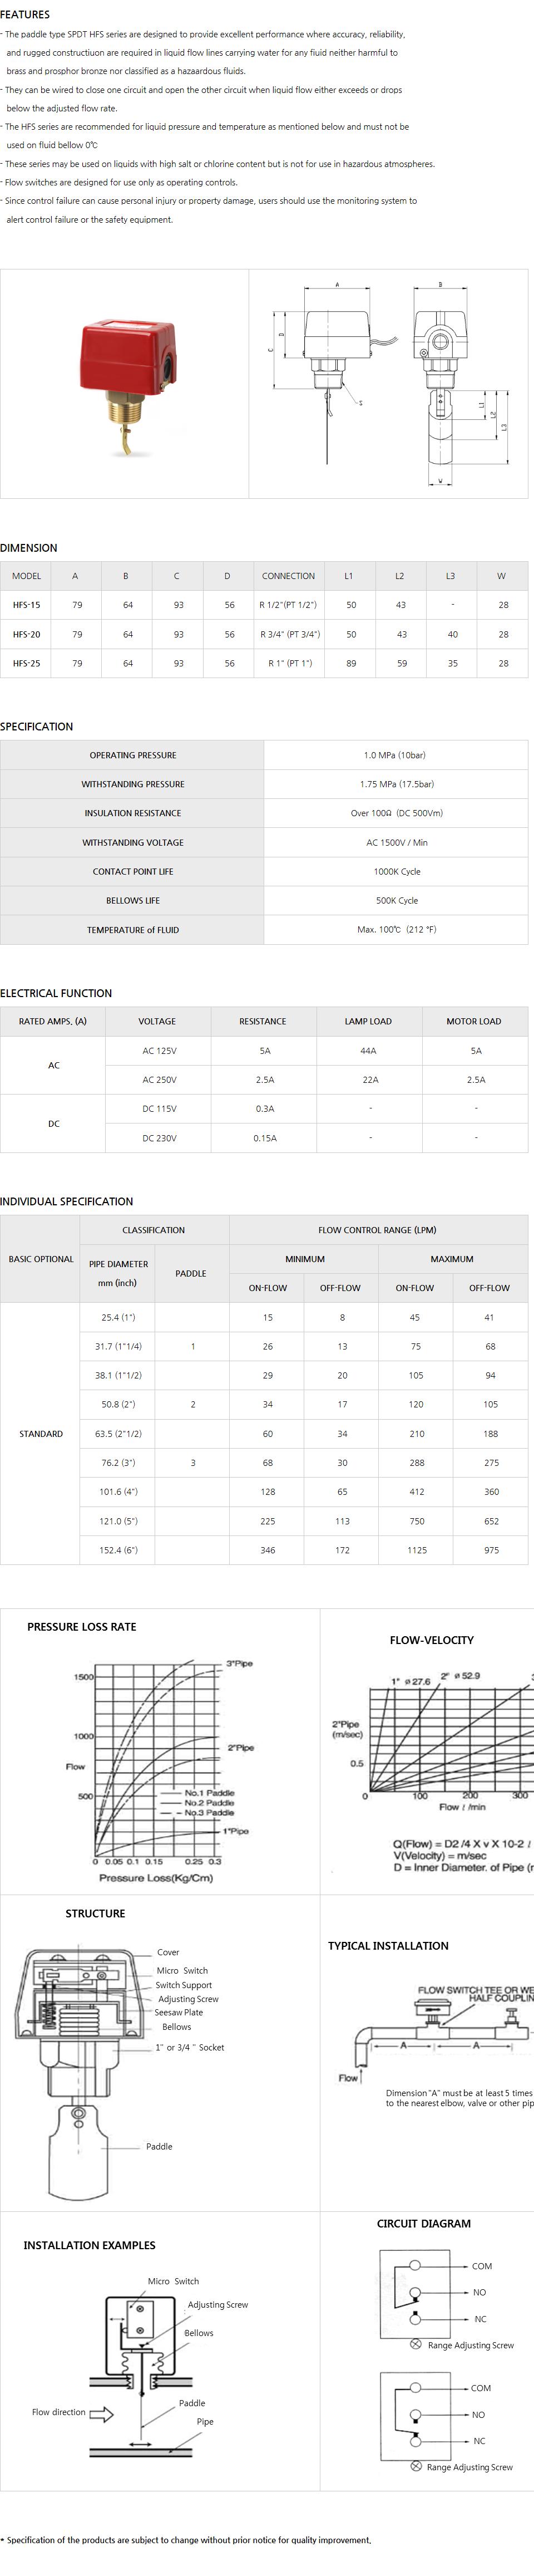 HYOSHIN MECHATRONICS Flow Switch HFS-15/20/25